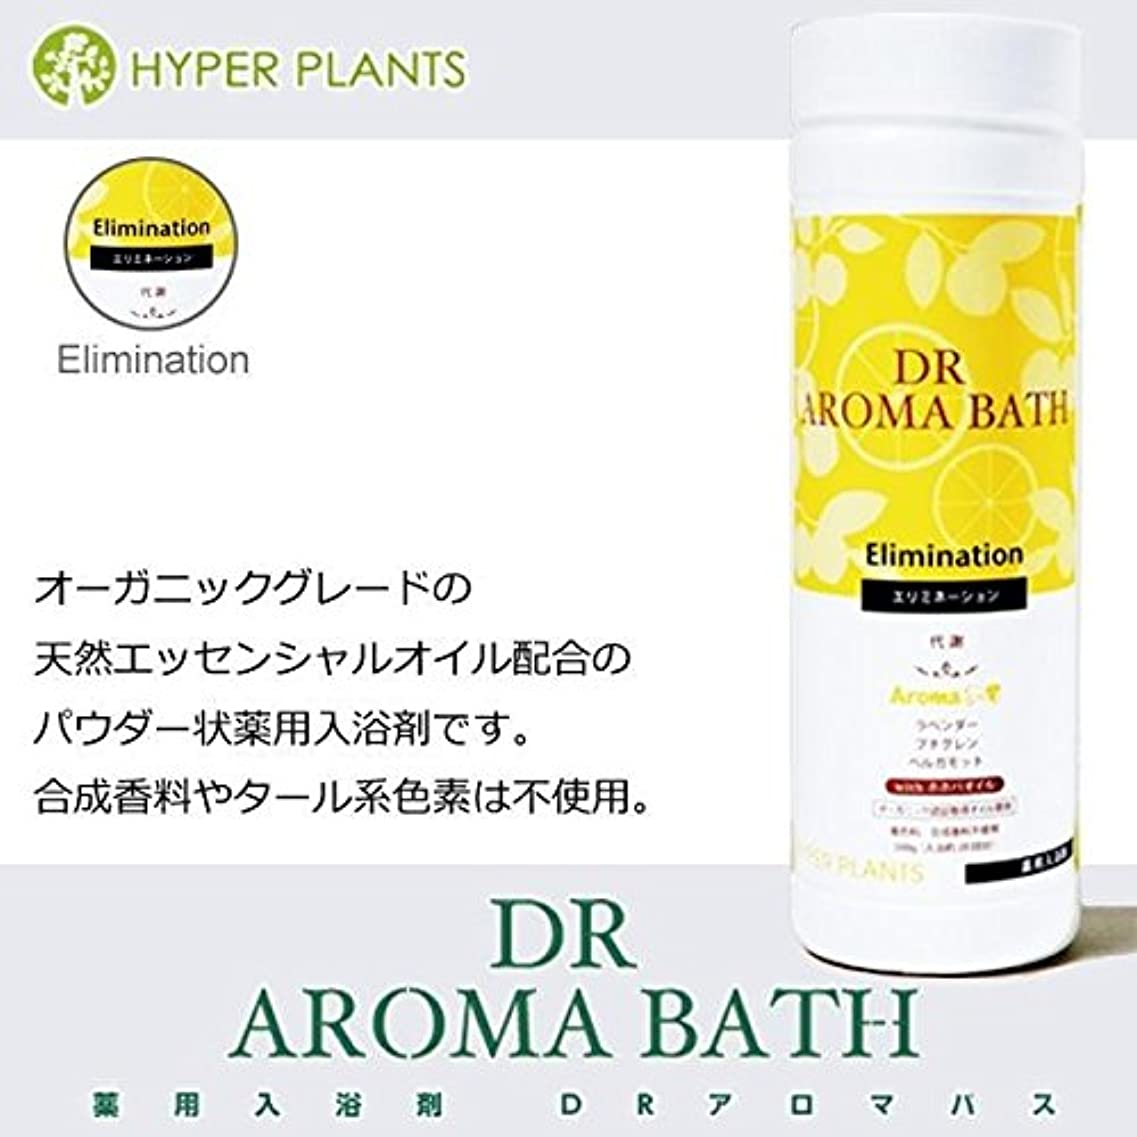 ピアノ疫病クラックポット医薬部外品 薬用入浴剤 ハイパープランツ(HYPER PLANTS) DRアロマバス エリミネーション 500g HNB006